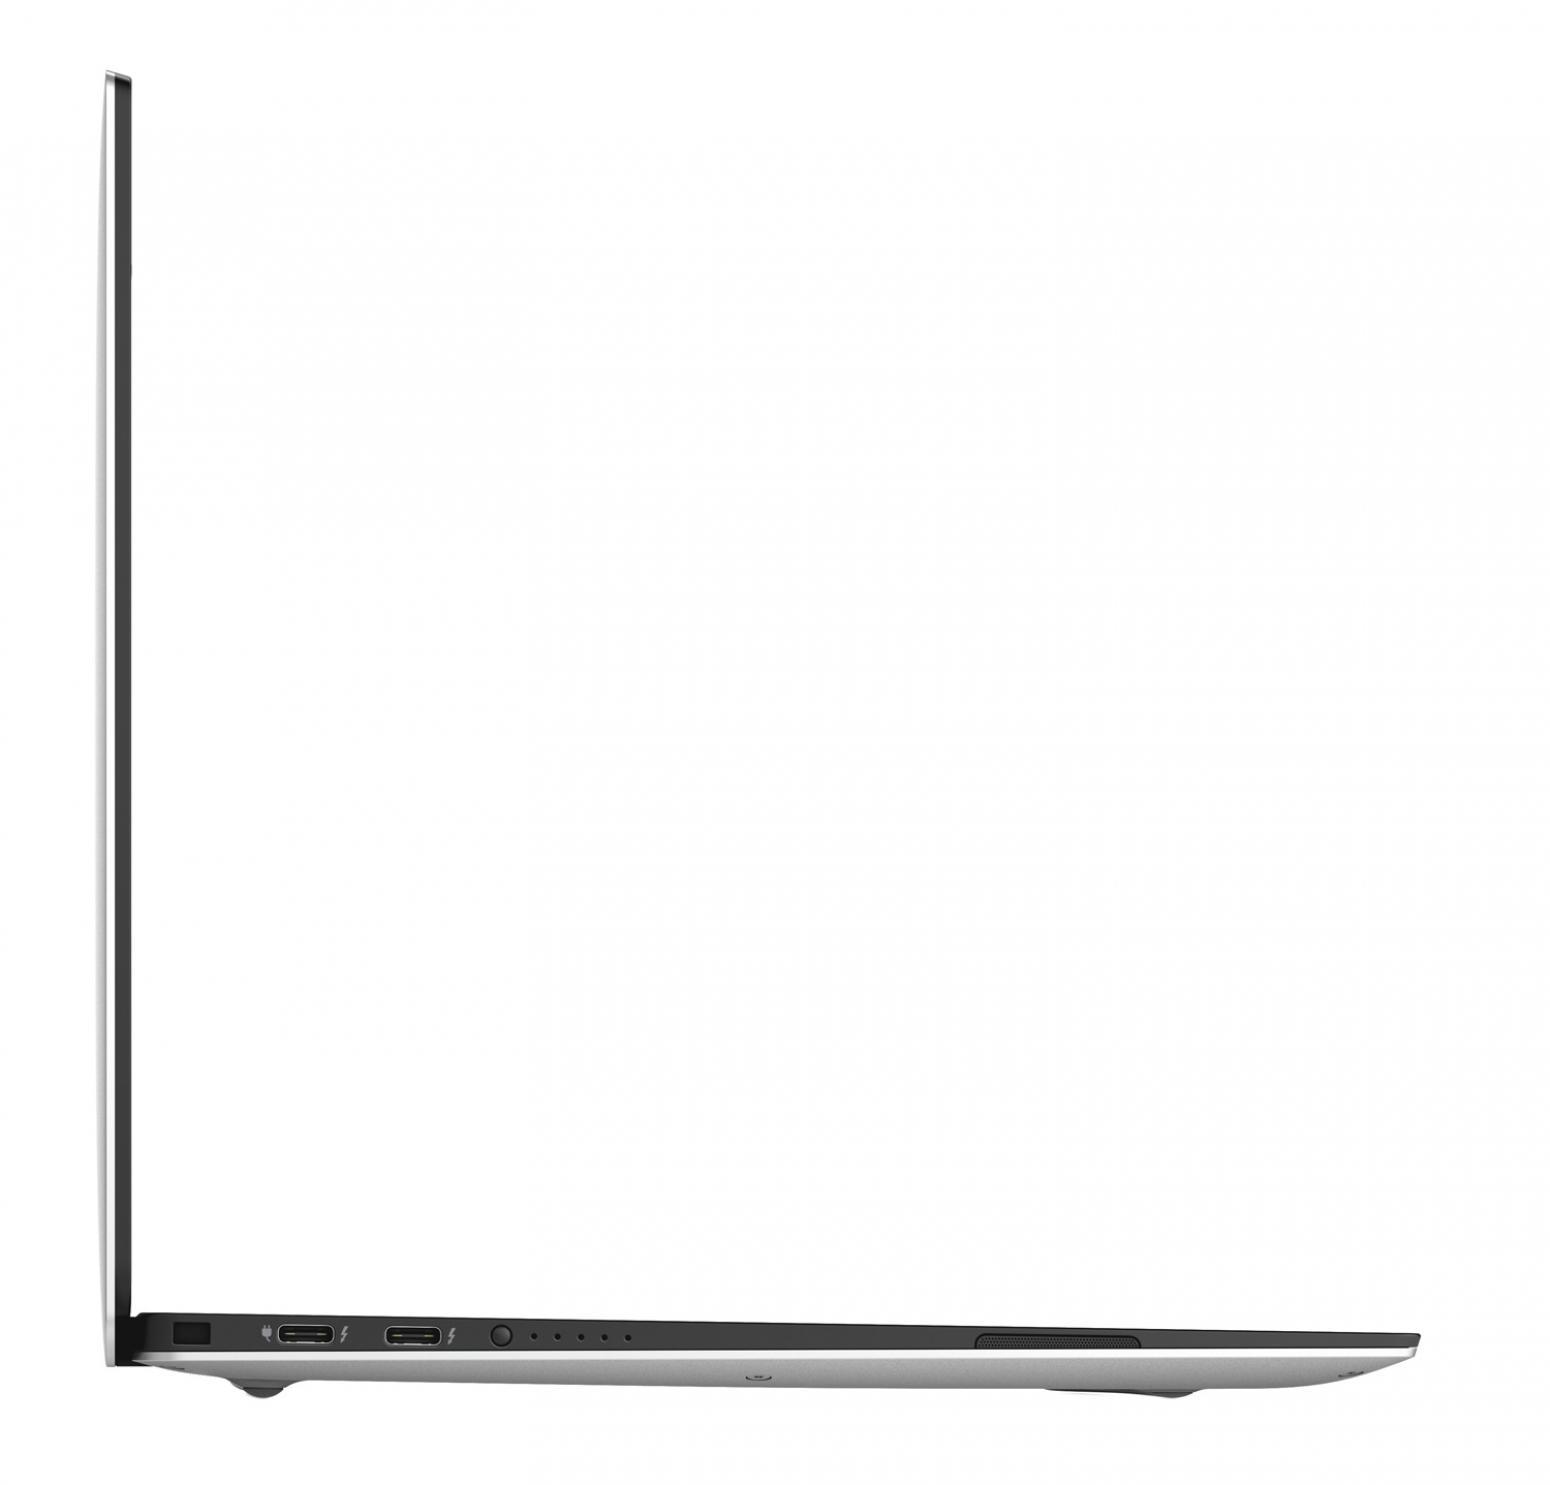 Ordinateur portable Dell XPS 13 7390 Argent - Core i7, 16 Go, 512 Go - photo 4